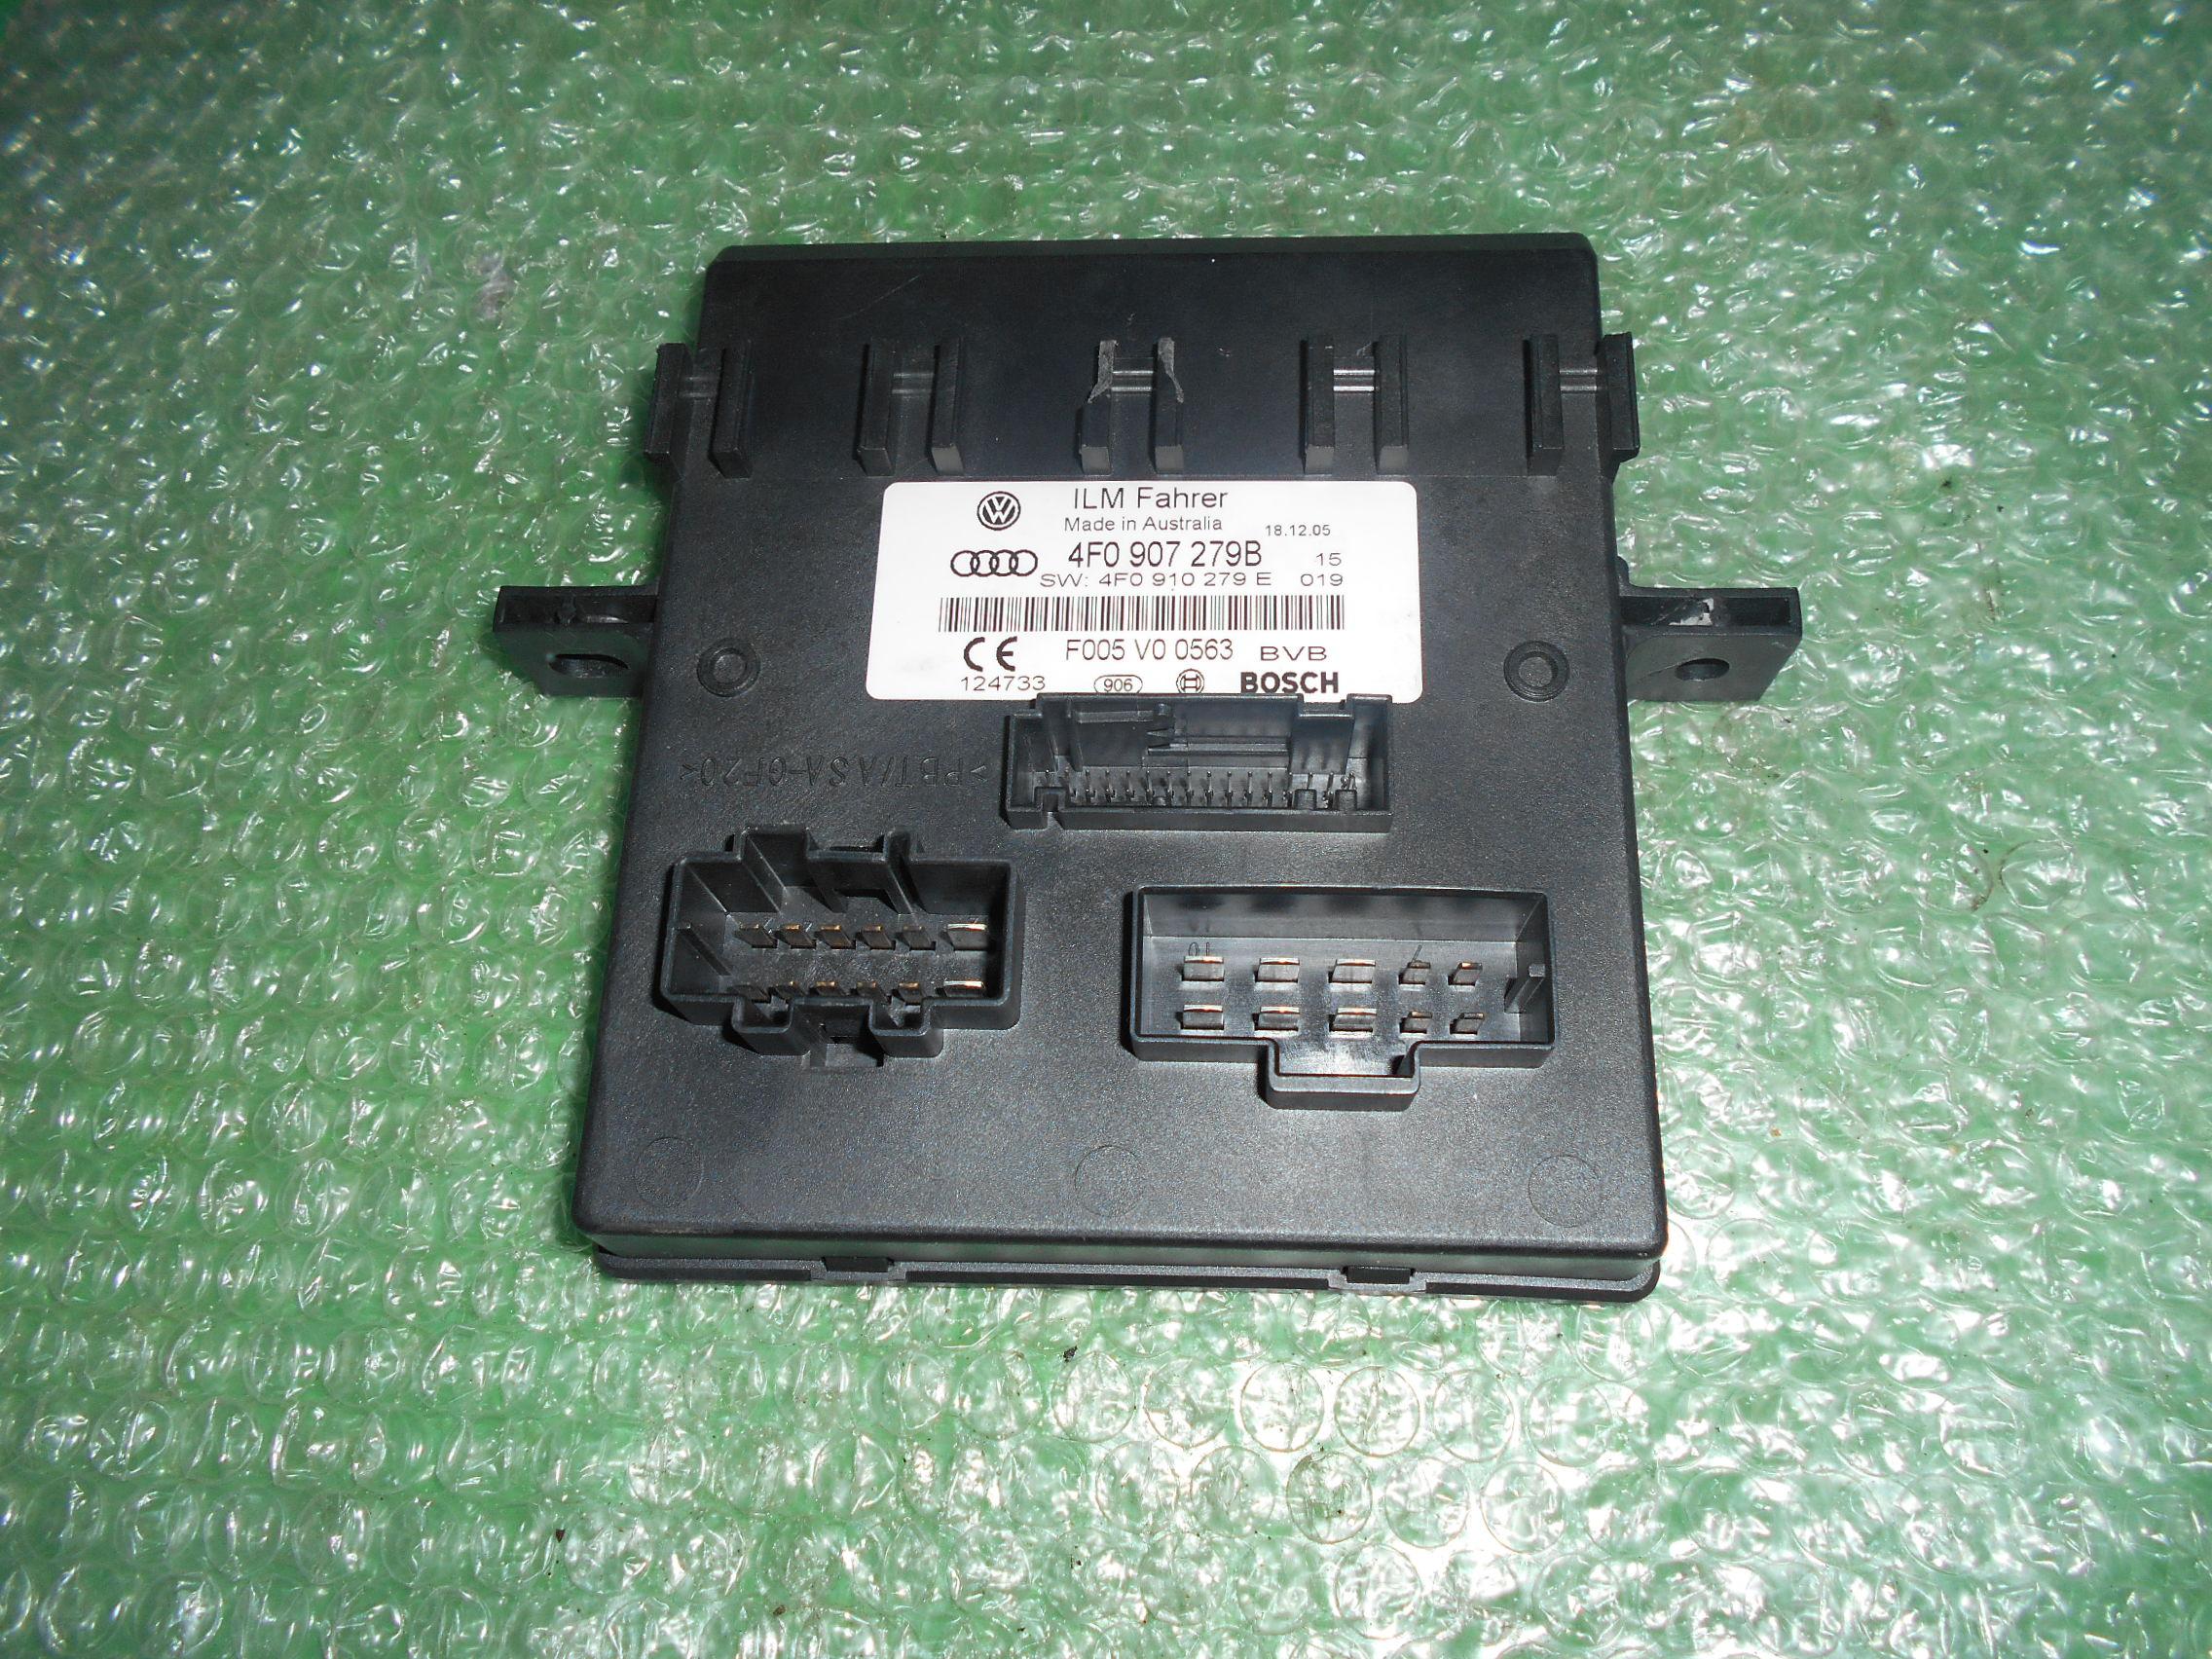 MODULO DE APOYO DE CONFORT 4F0907279B – 4F0910279E – BOSCH F005V00563 AUDI A6 (C6)(2005-2011)